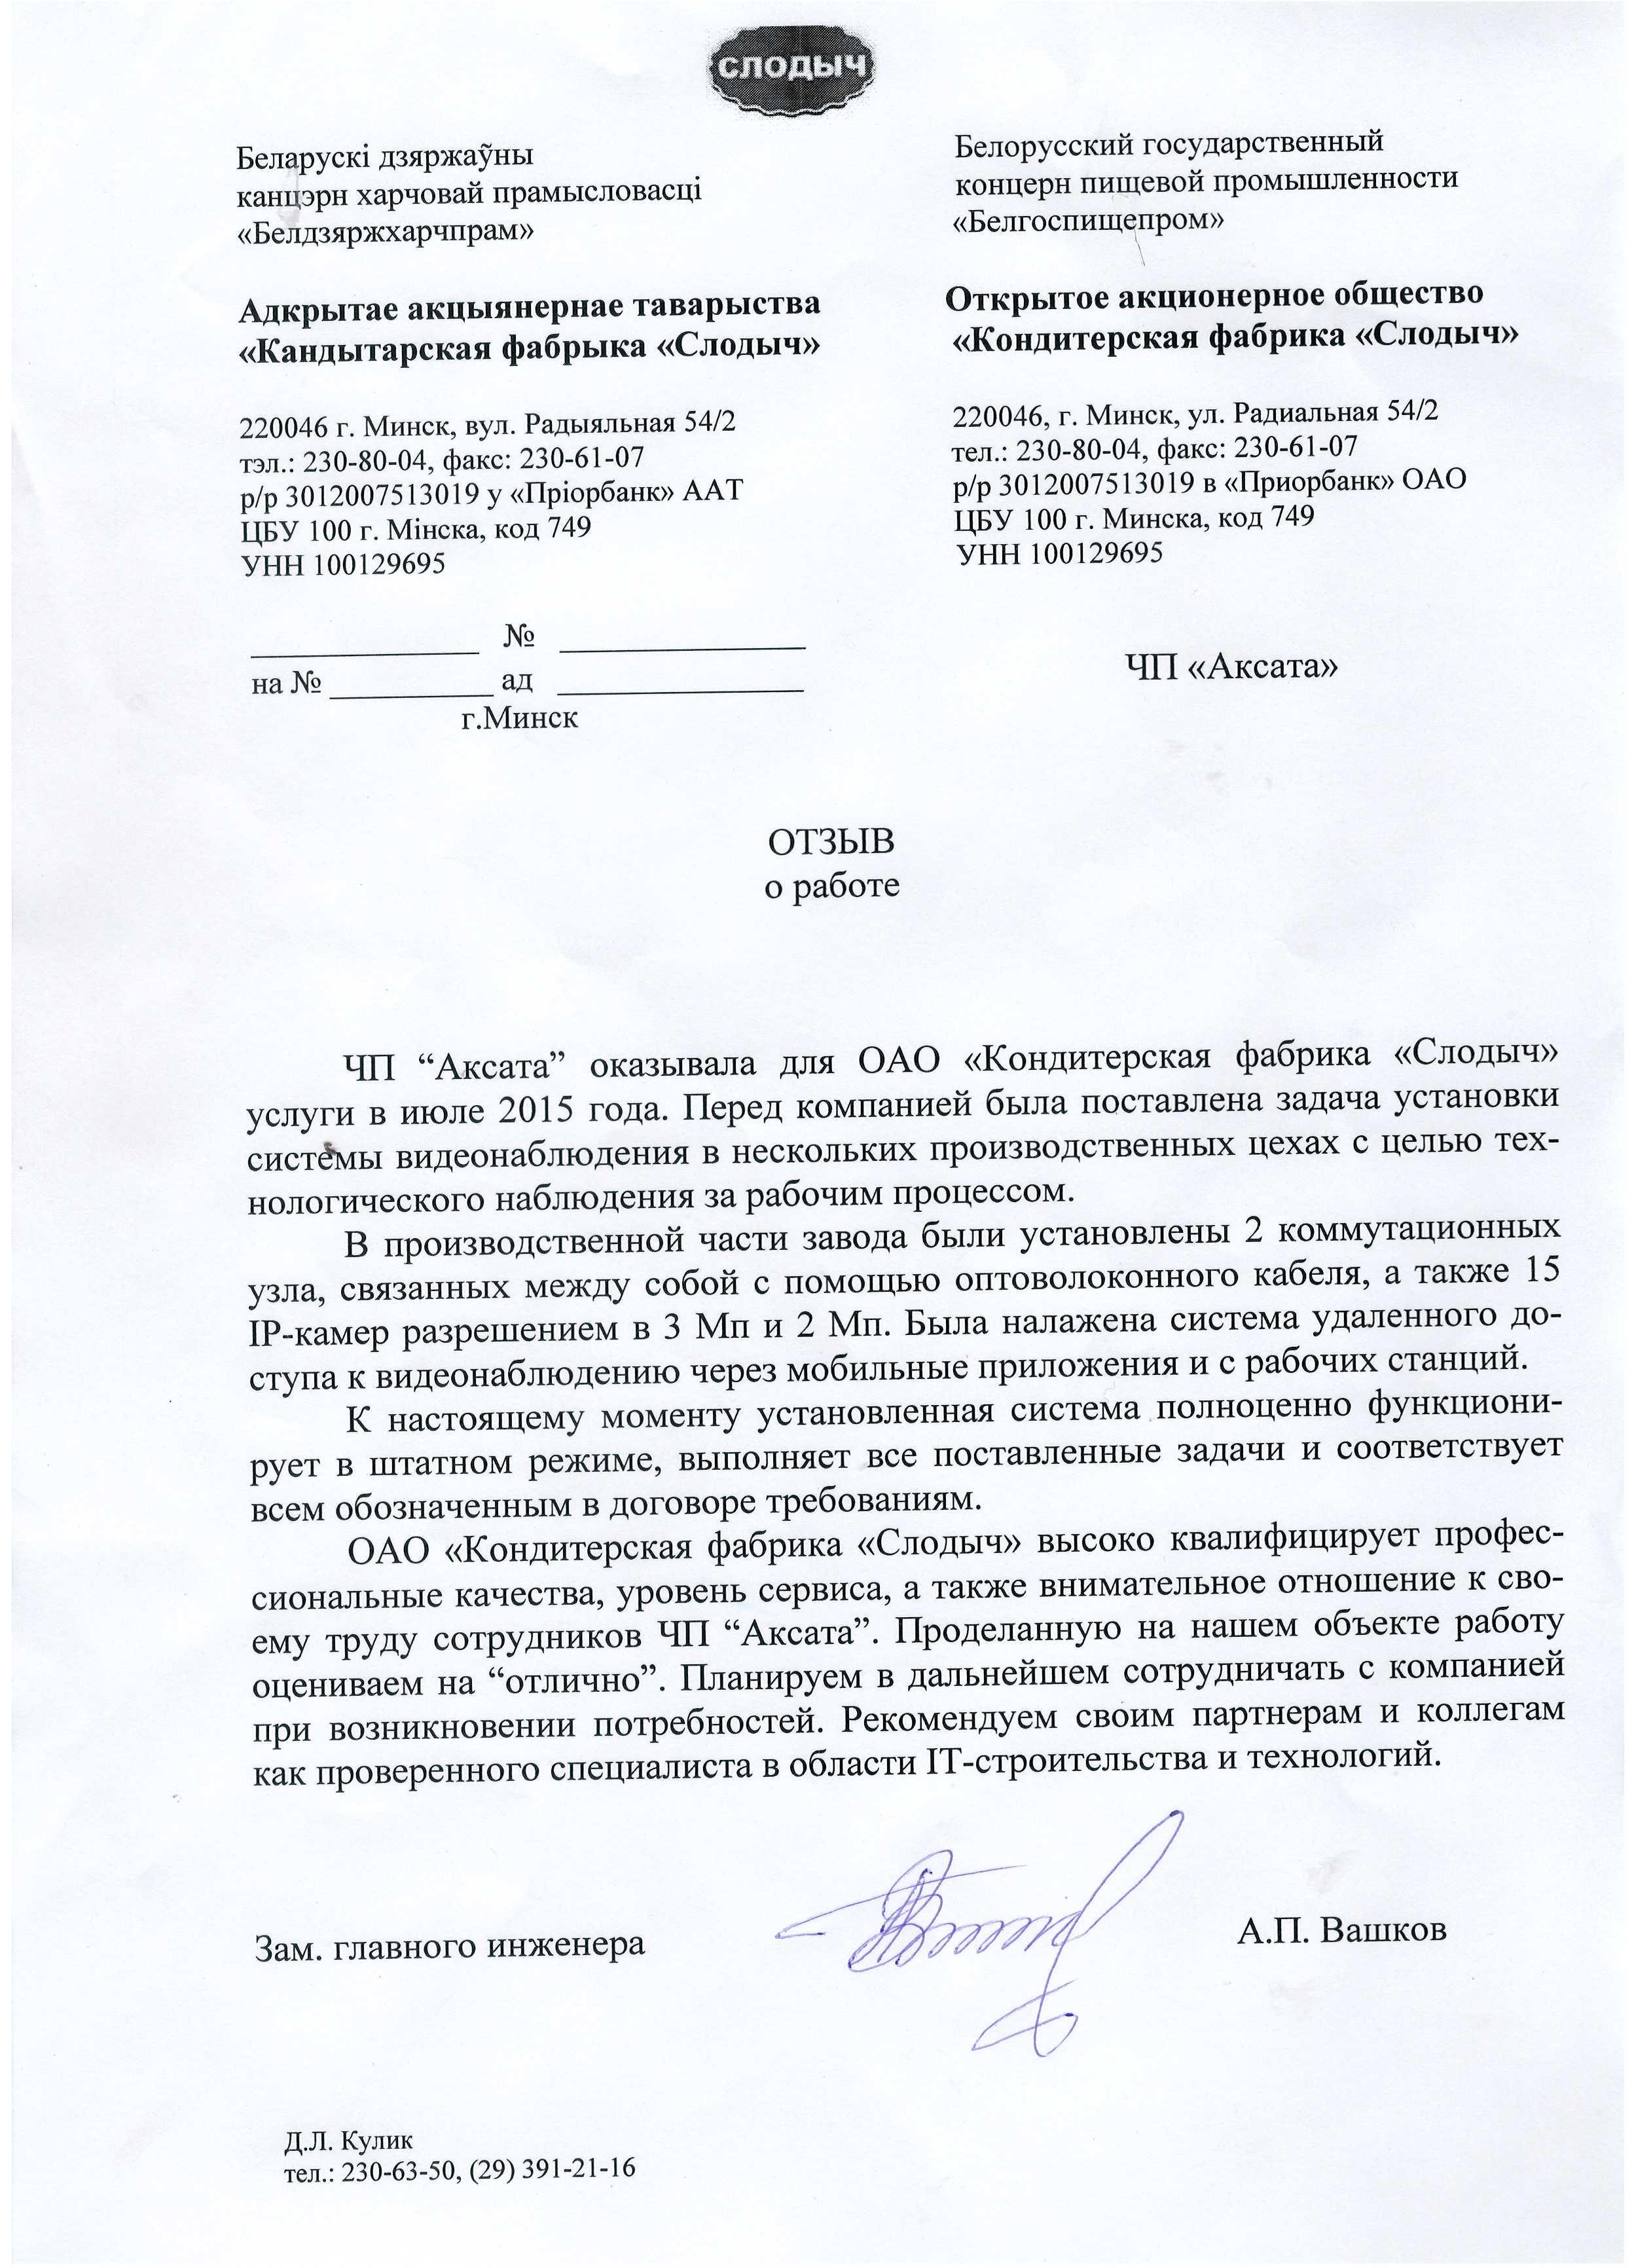 Отзыв ОАО «Кондитерская фабрика «Слодыч»